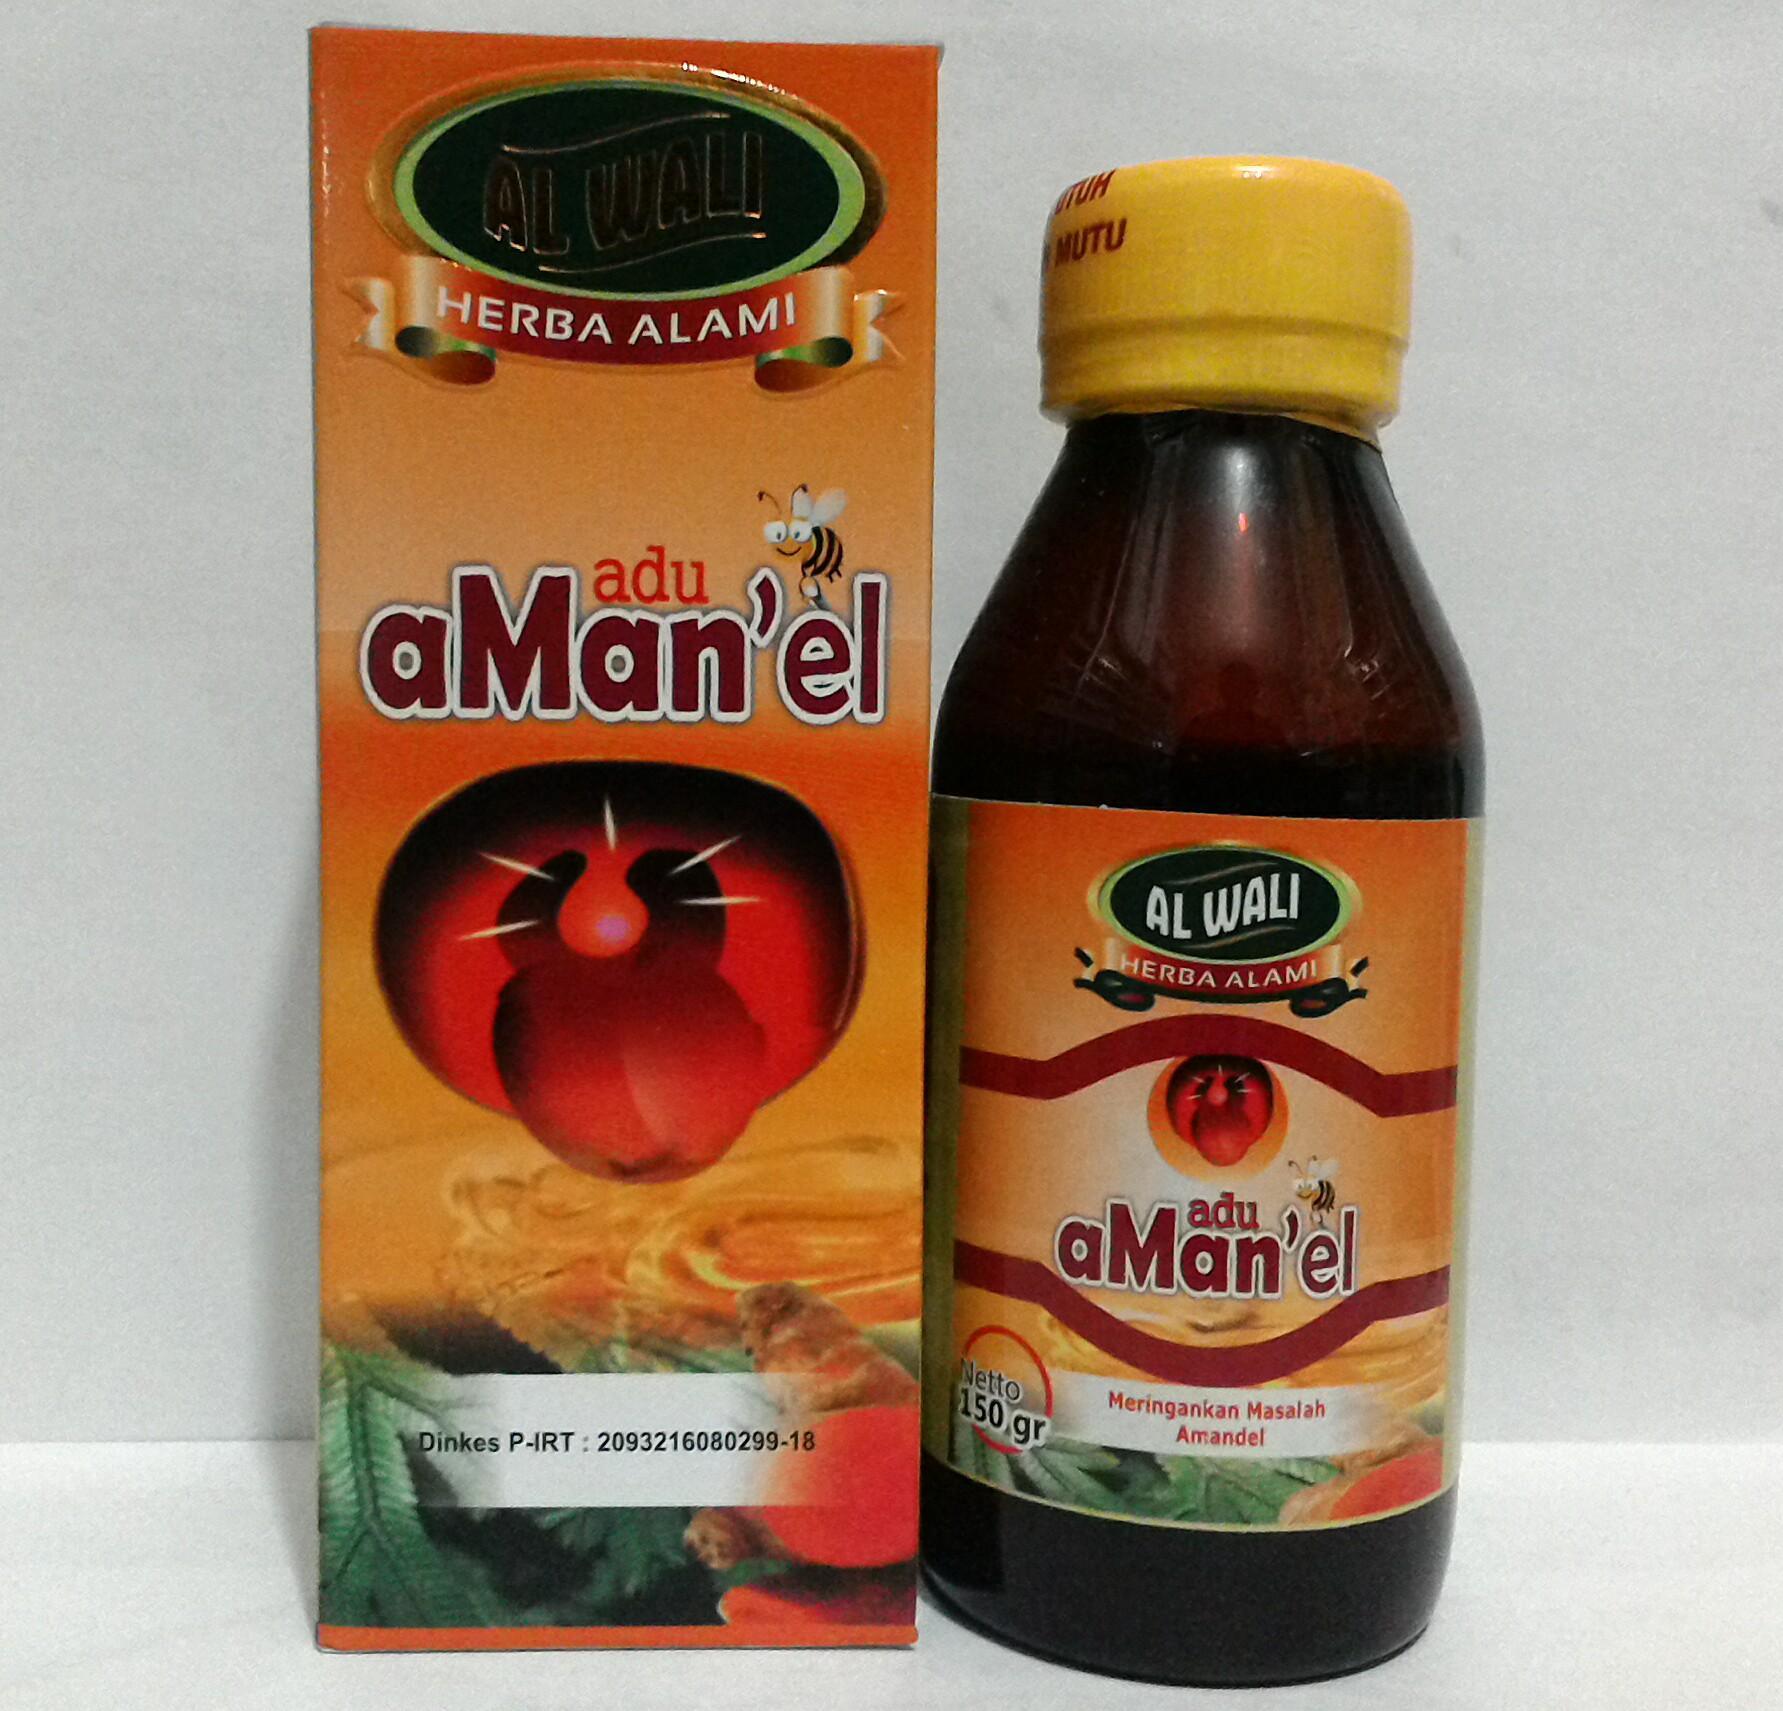 Madu Amandel Al Waliy 2 Botol Daftar Harga Terkini Dan Terlengkap Stop Ngompol Untuk Anak Top Pol Radang Tenggorokan Alwaliyidr25000 Rp 25000